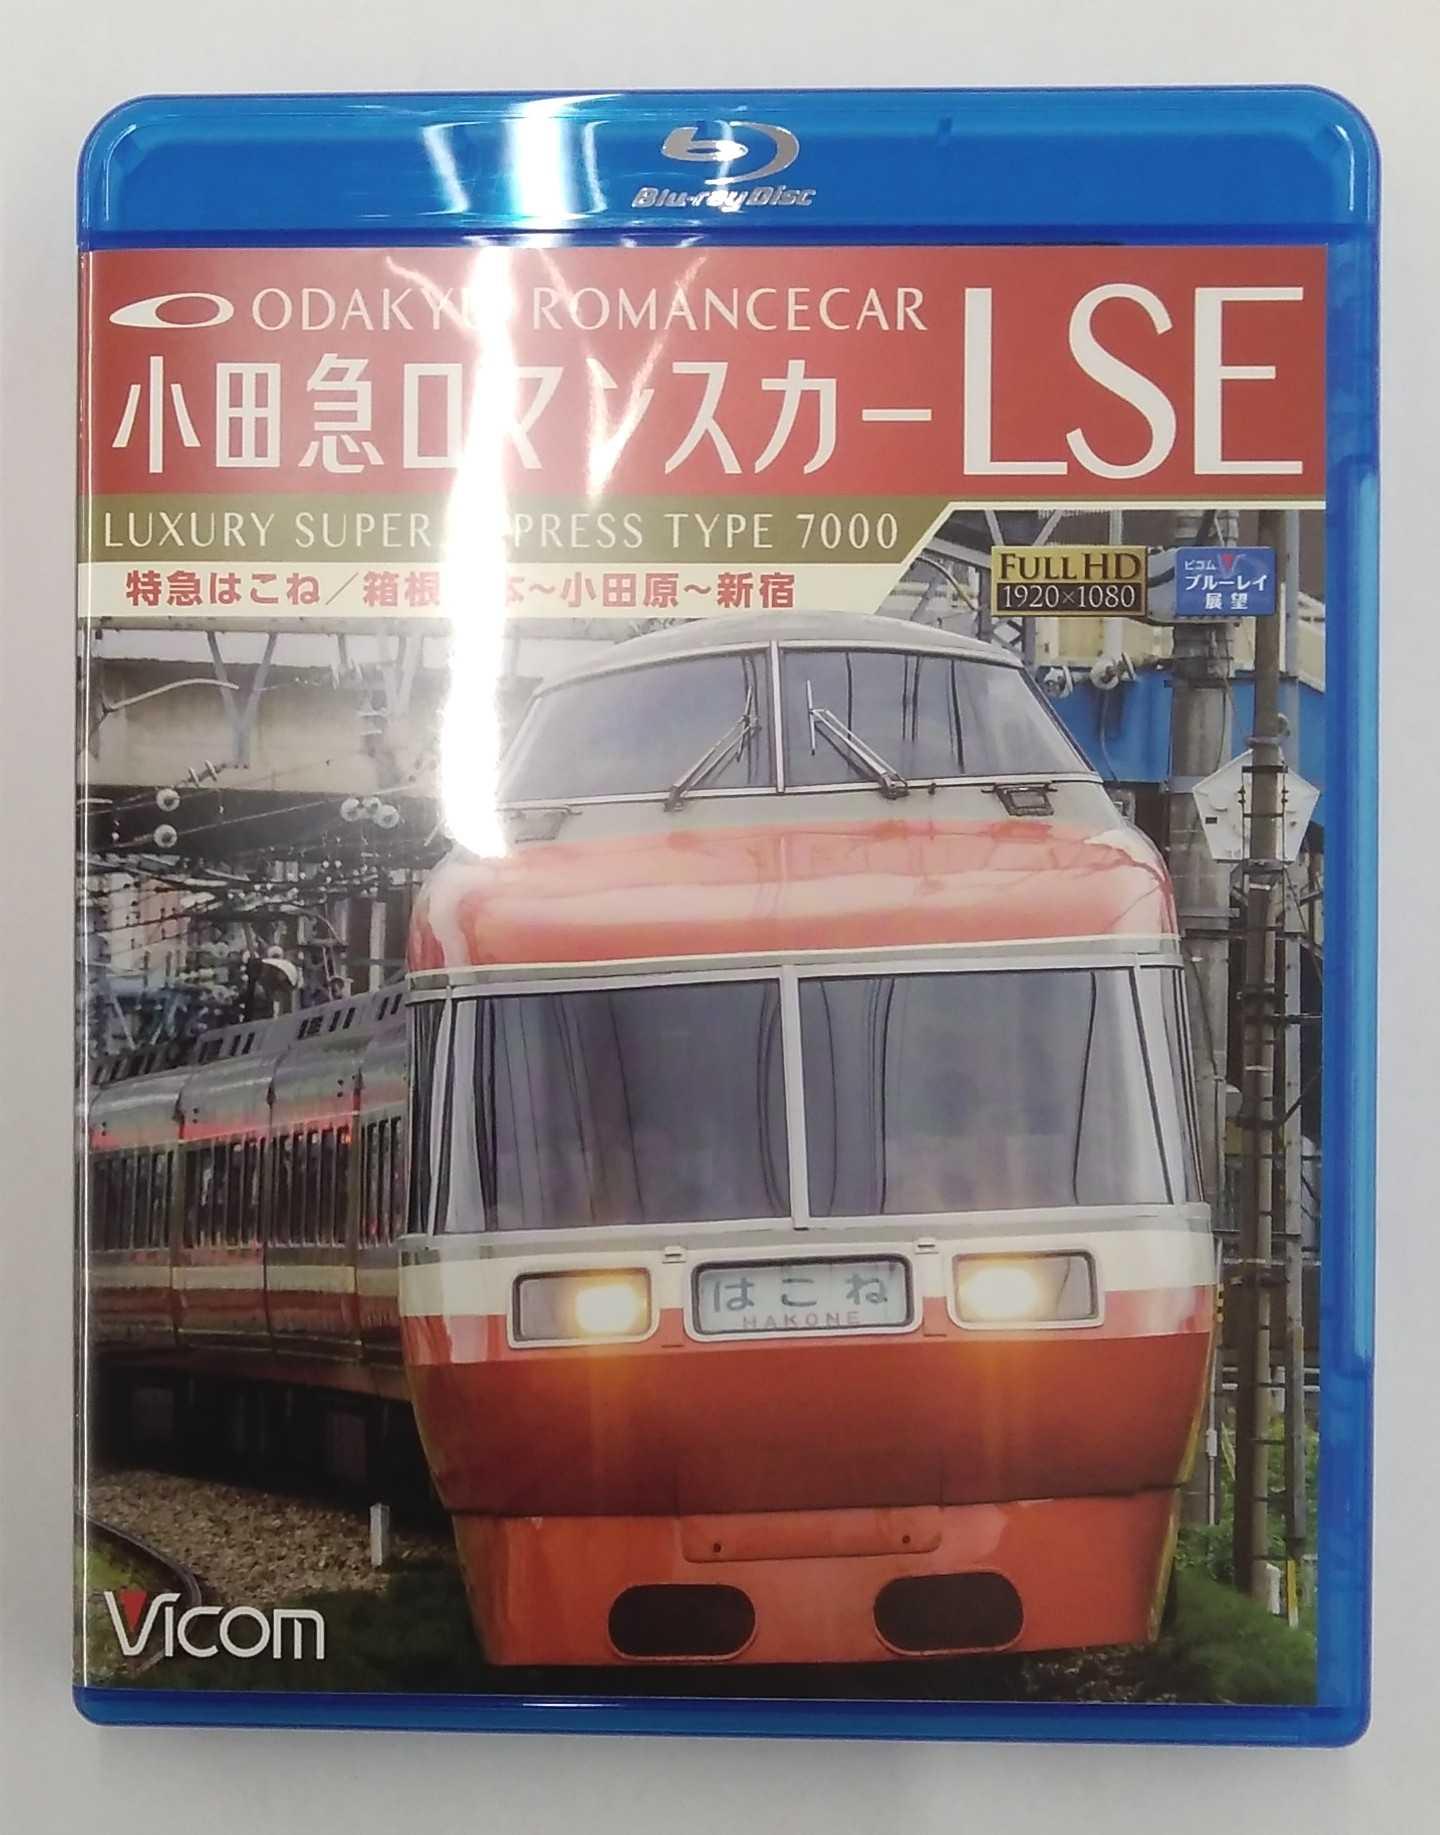 小田急ロマンスカーLSE|VICOM